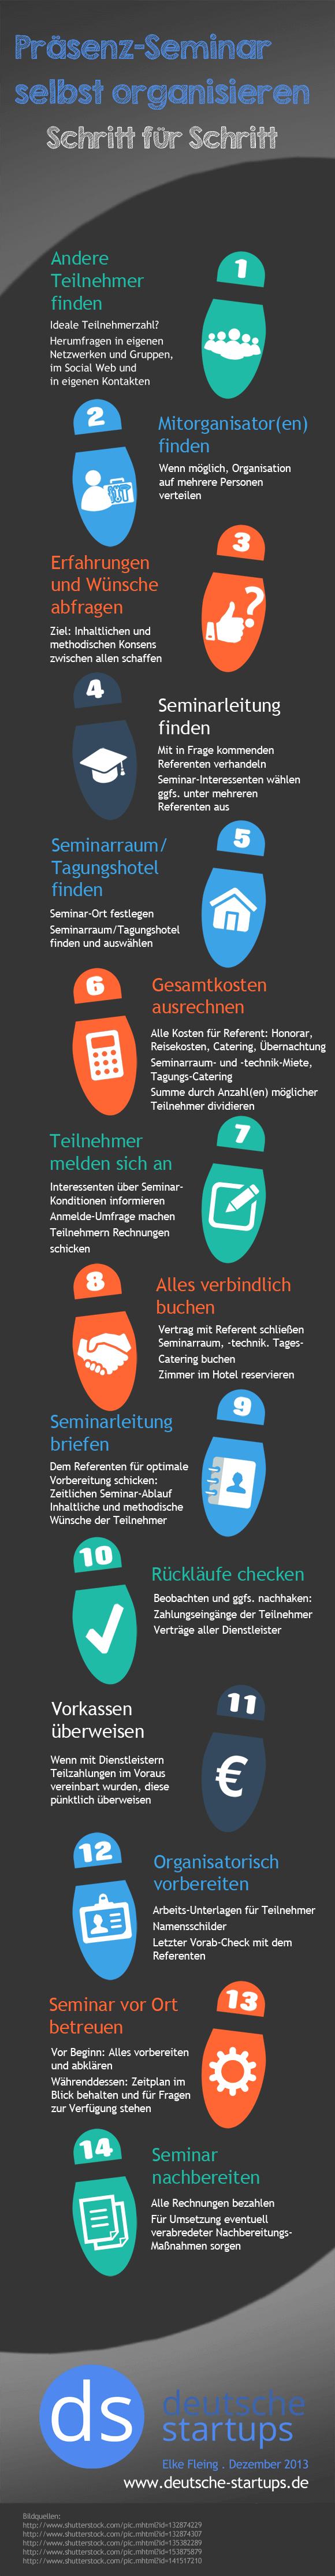 infografik-seminare-selbst-organisieren-deutsche-startups-whitepaper-elke-fleing